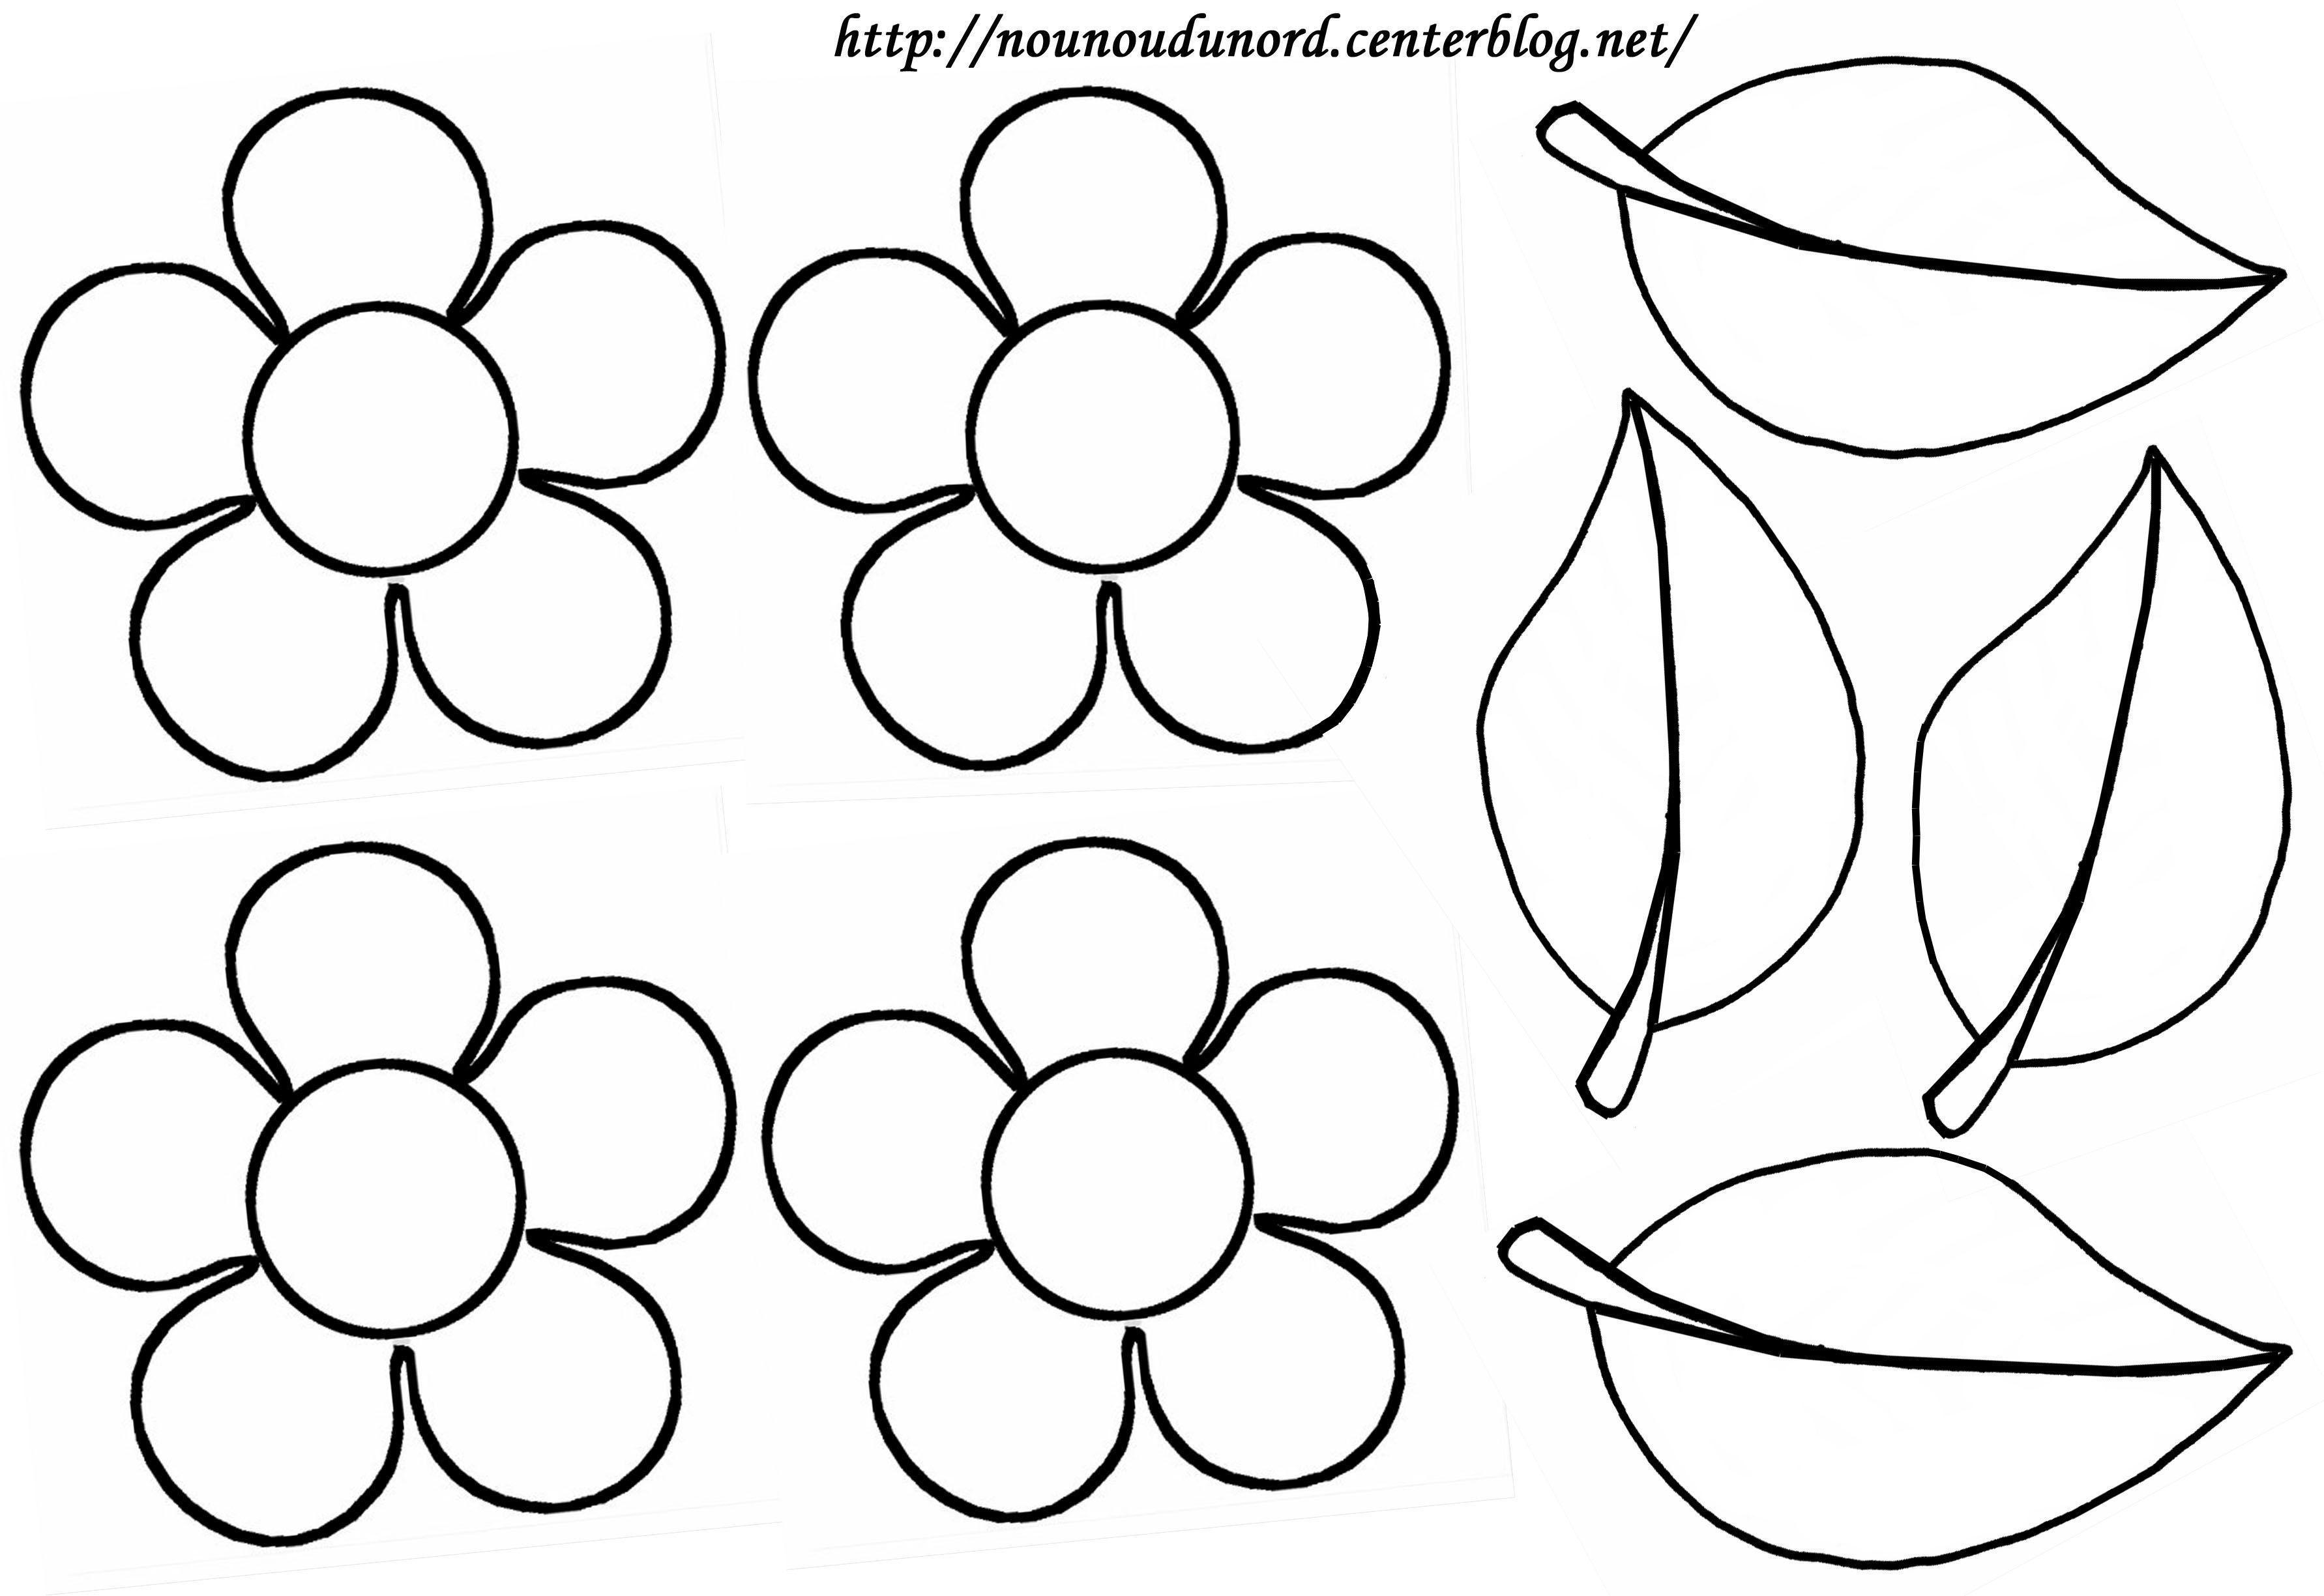 Coloriage fleurs nature page 2 - Fleurs en dessin ...